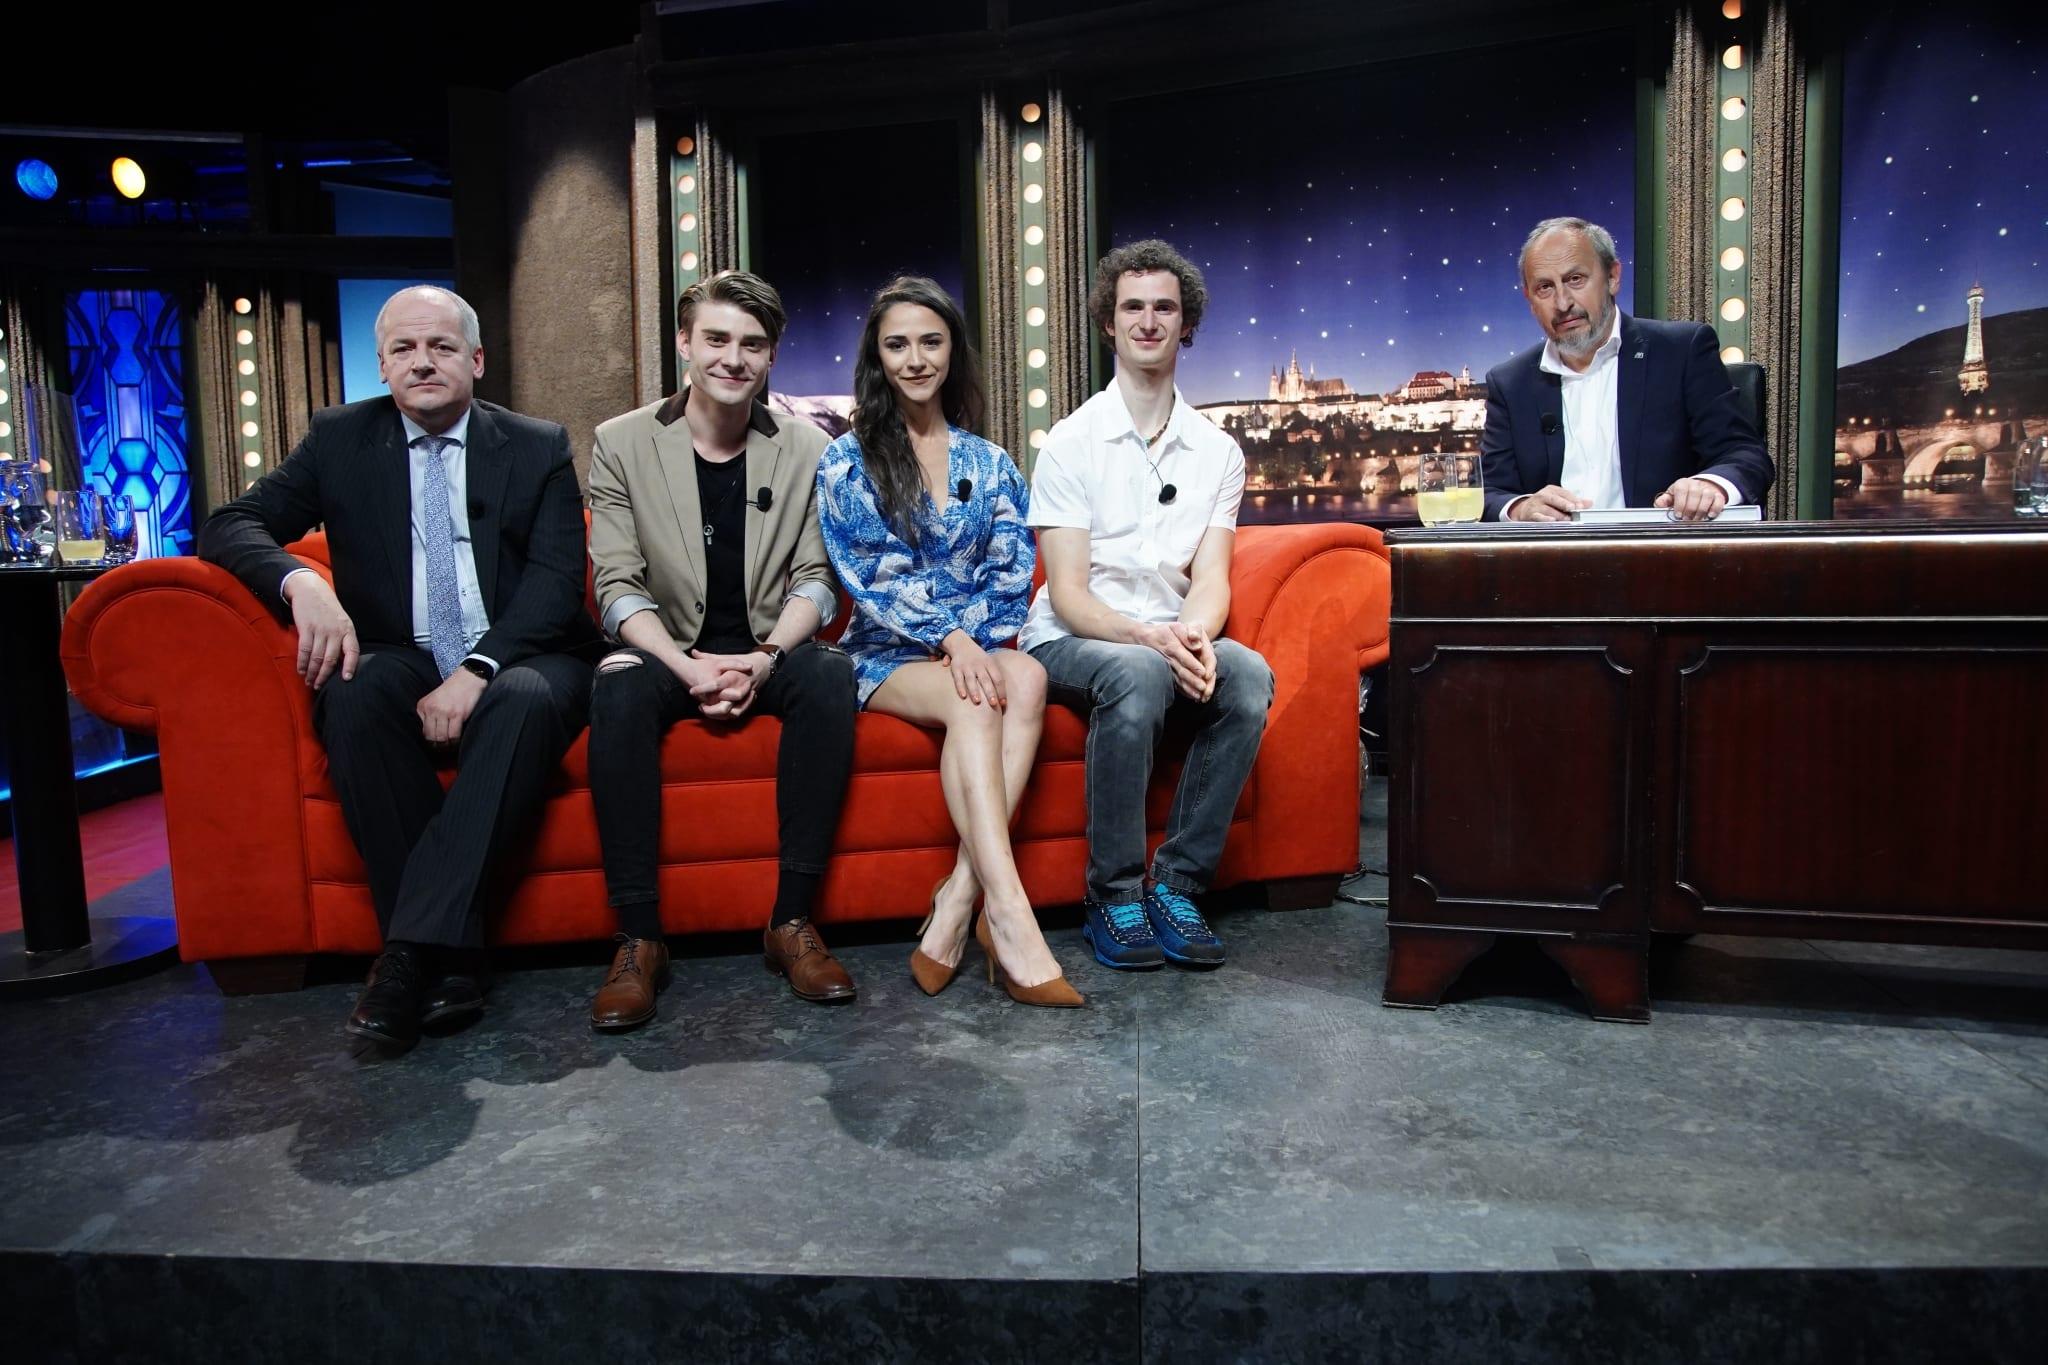 Hosté SJK 27. 5. 2020 — Náměstek ministra zdravotnictví Roman Prymula, herci Eva Burešová a Marek Lambora a sportovní lezec Adam Ondra.